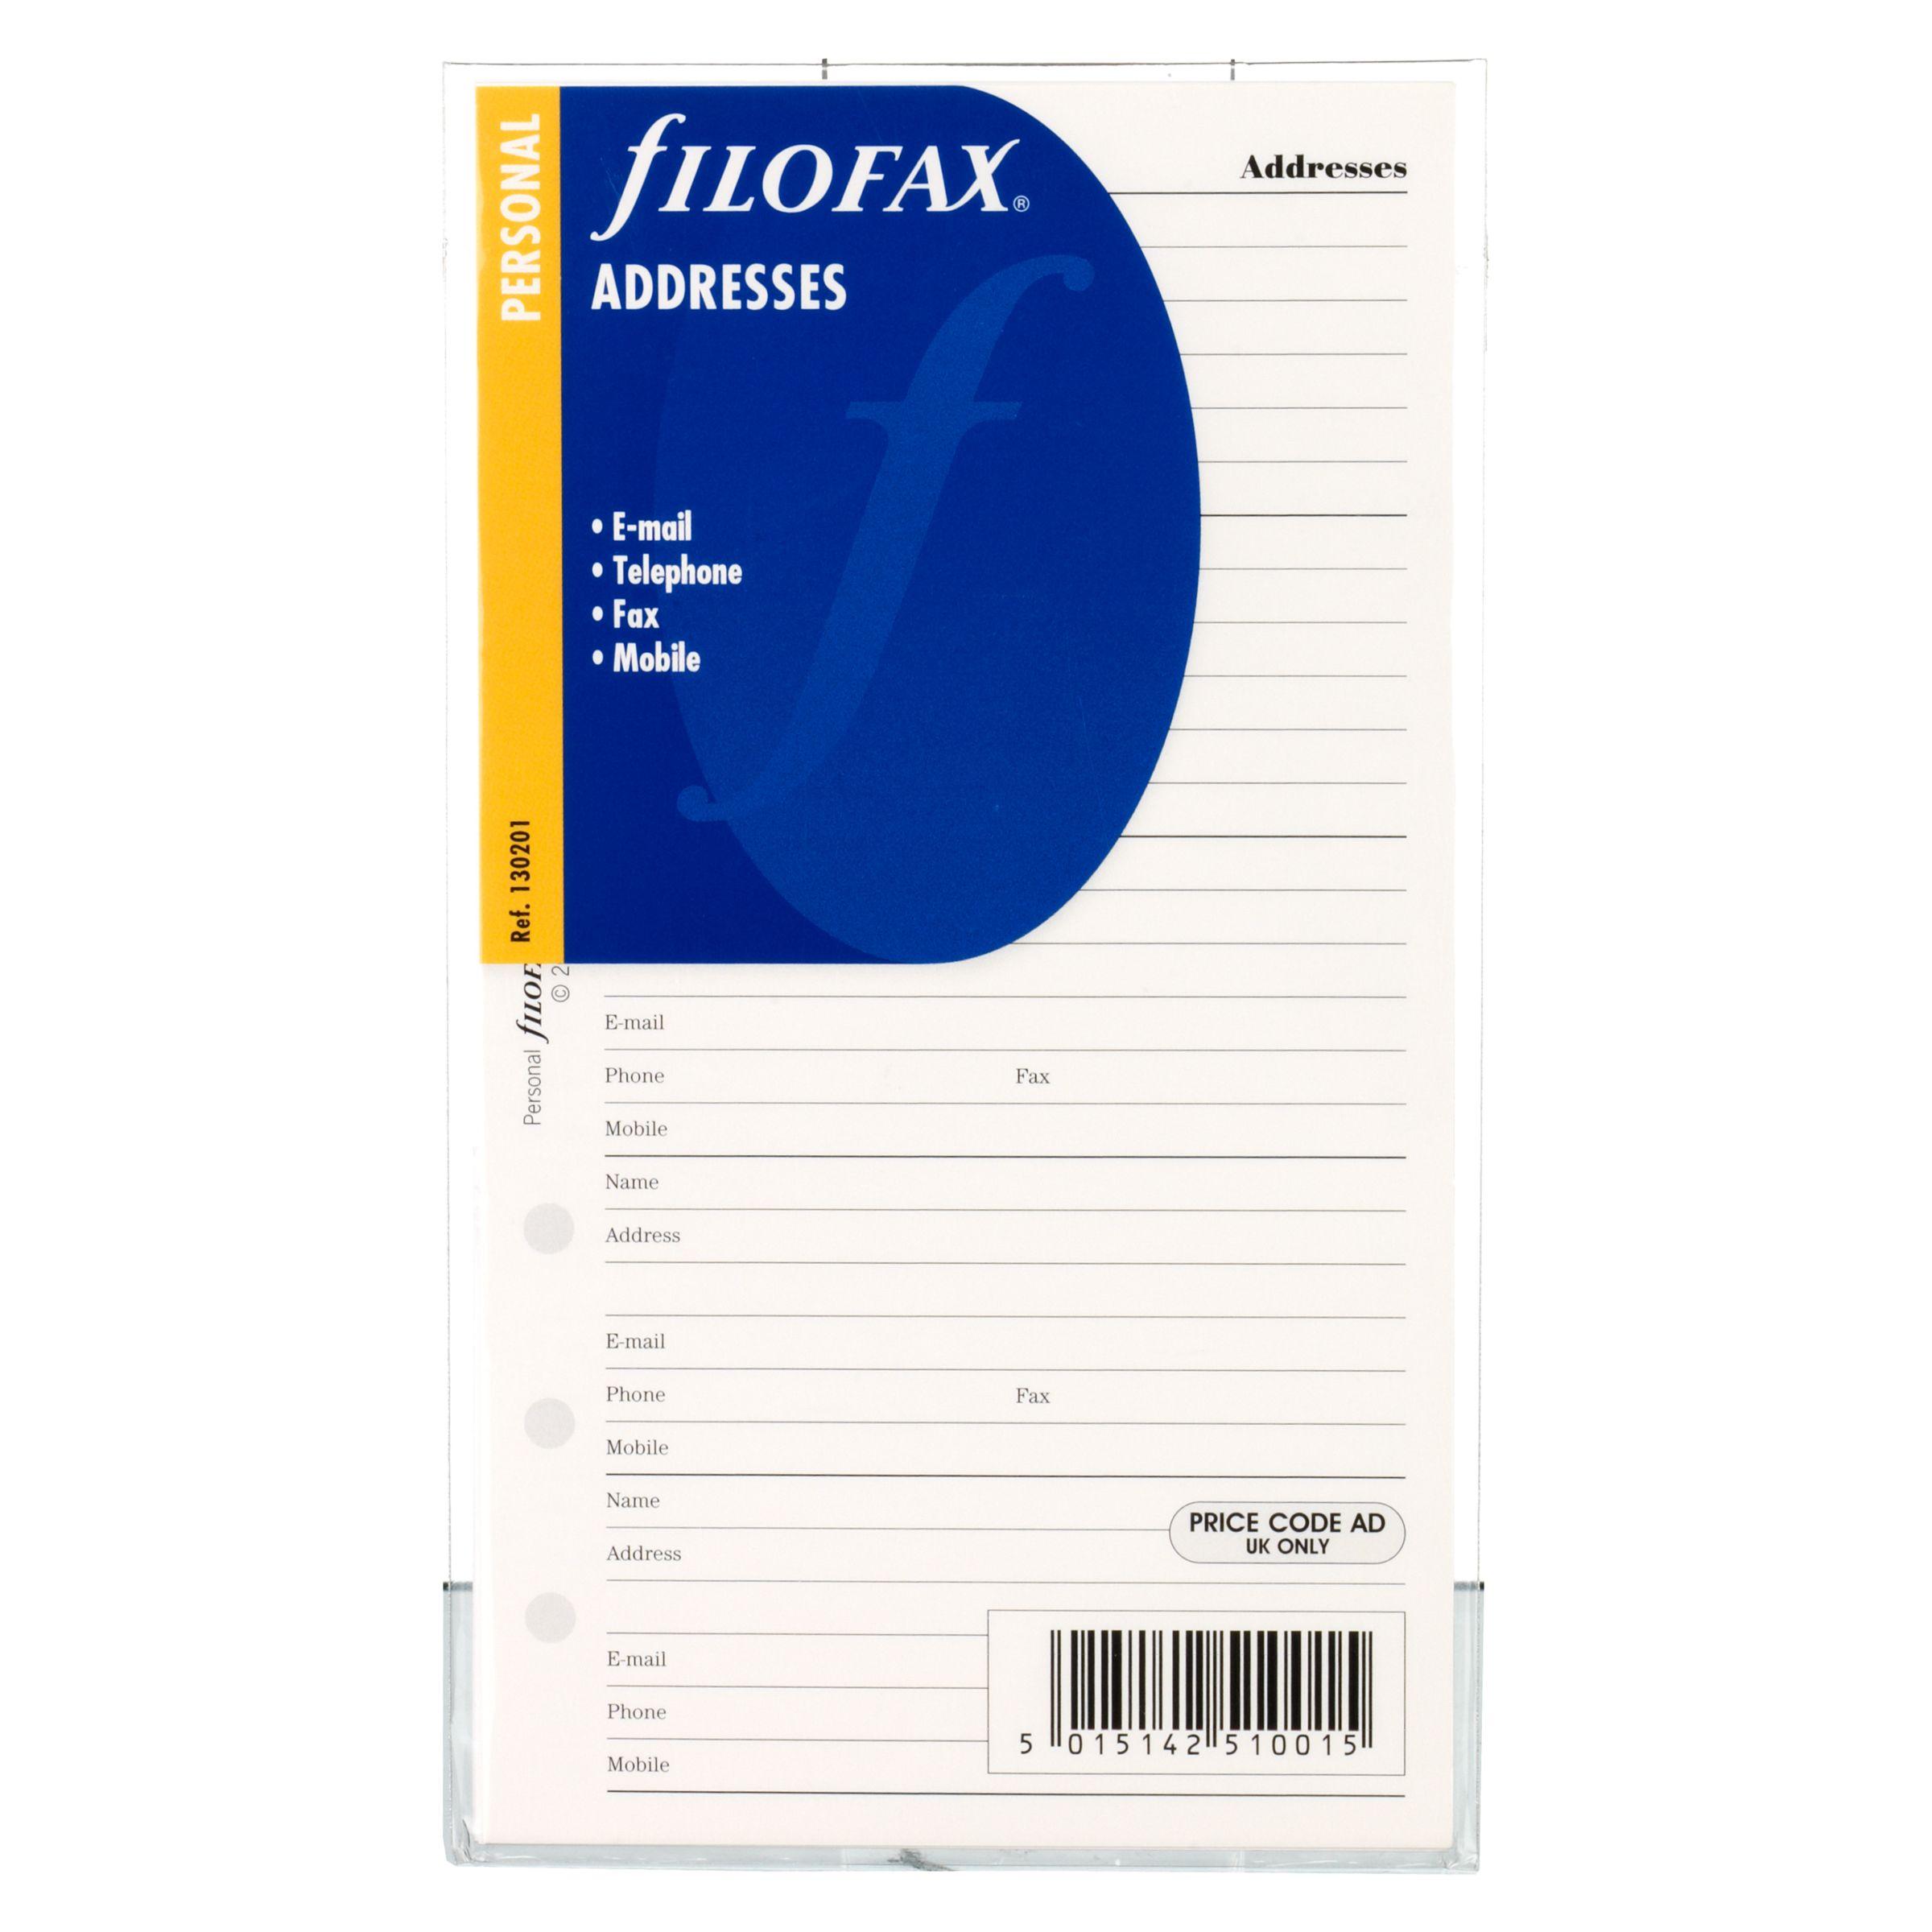 Filofax Filofax Contacts, Personal